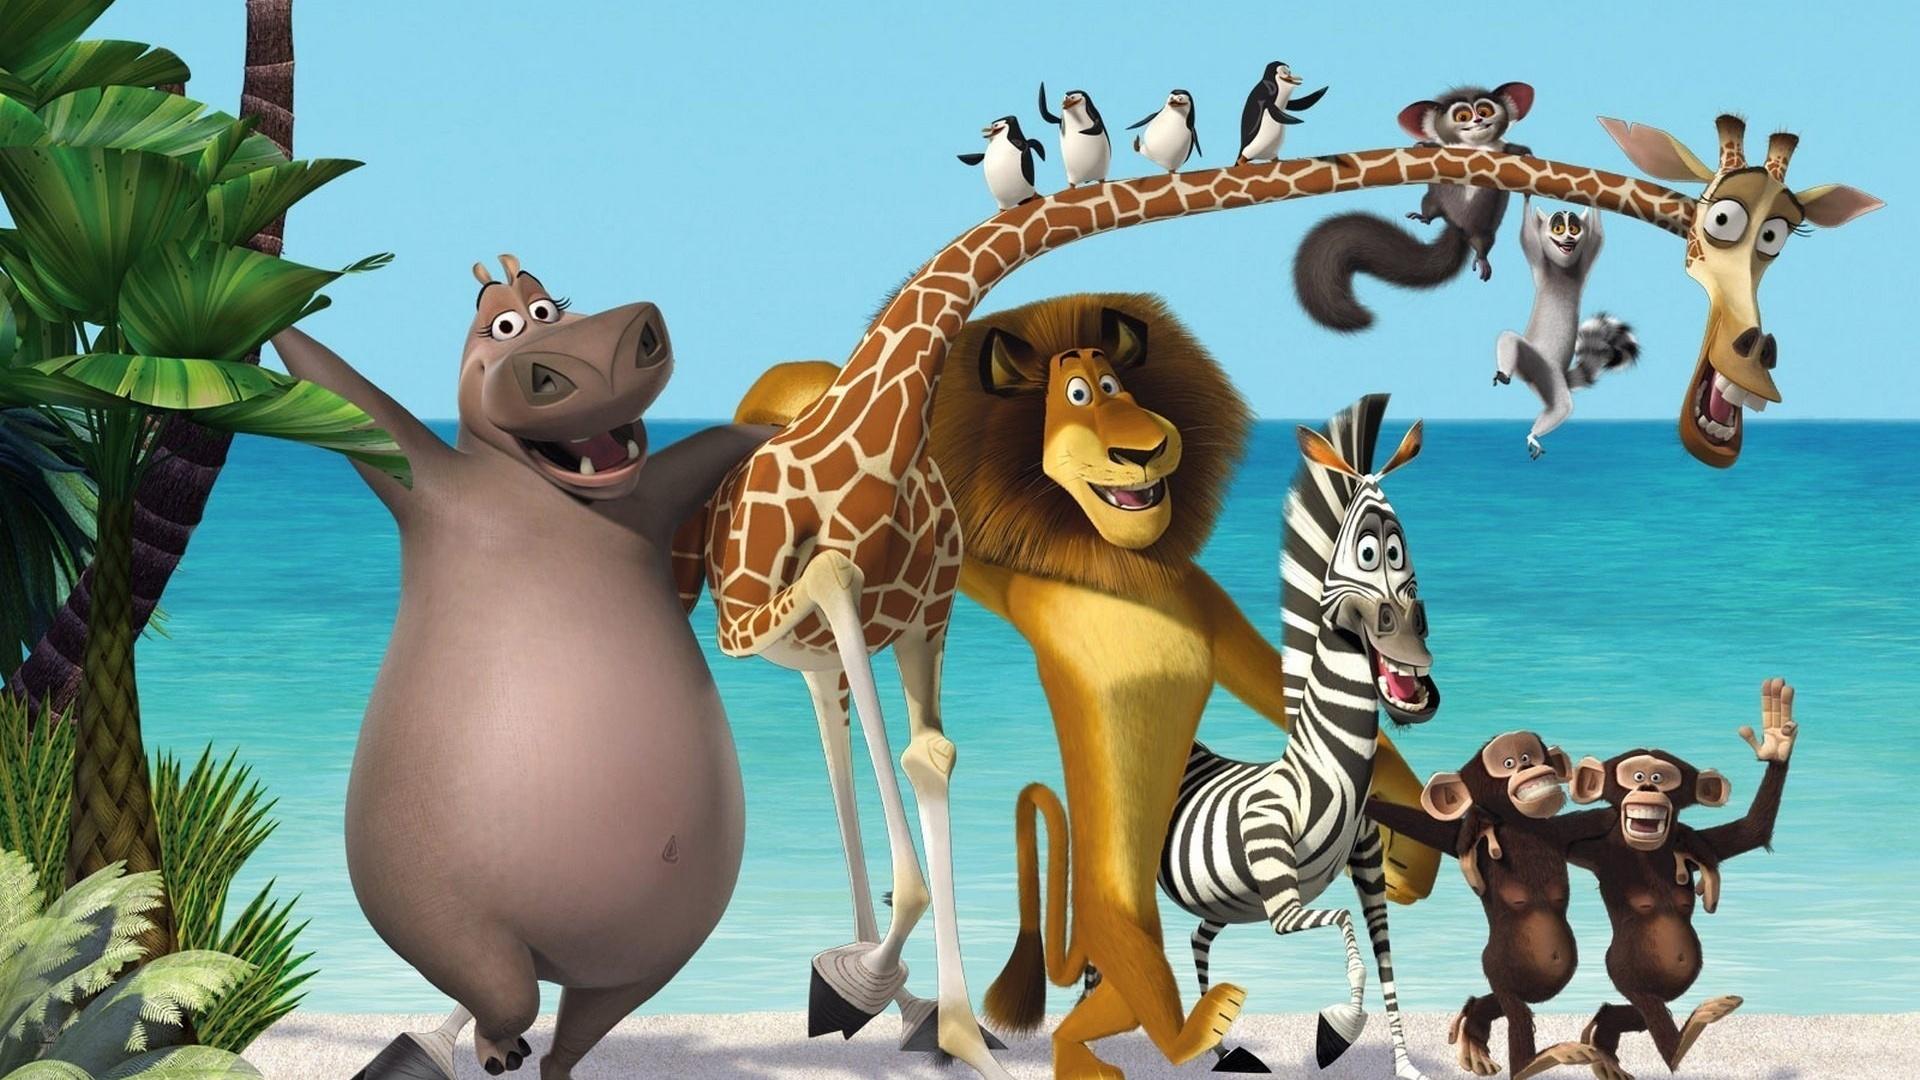 Картинки животных смешные из мультиков